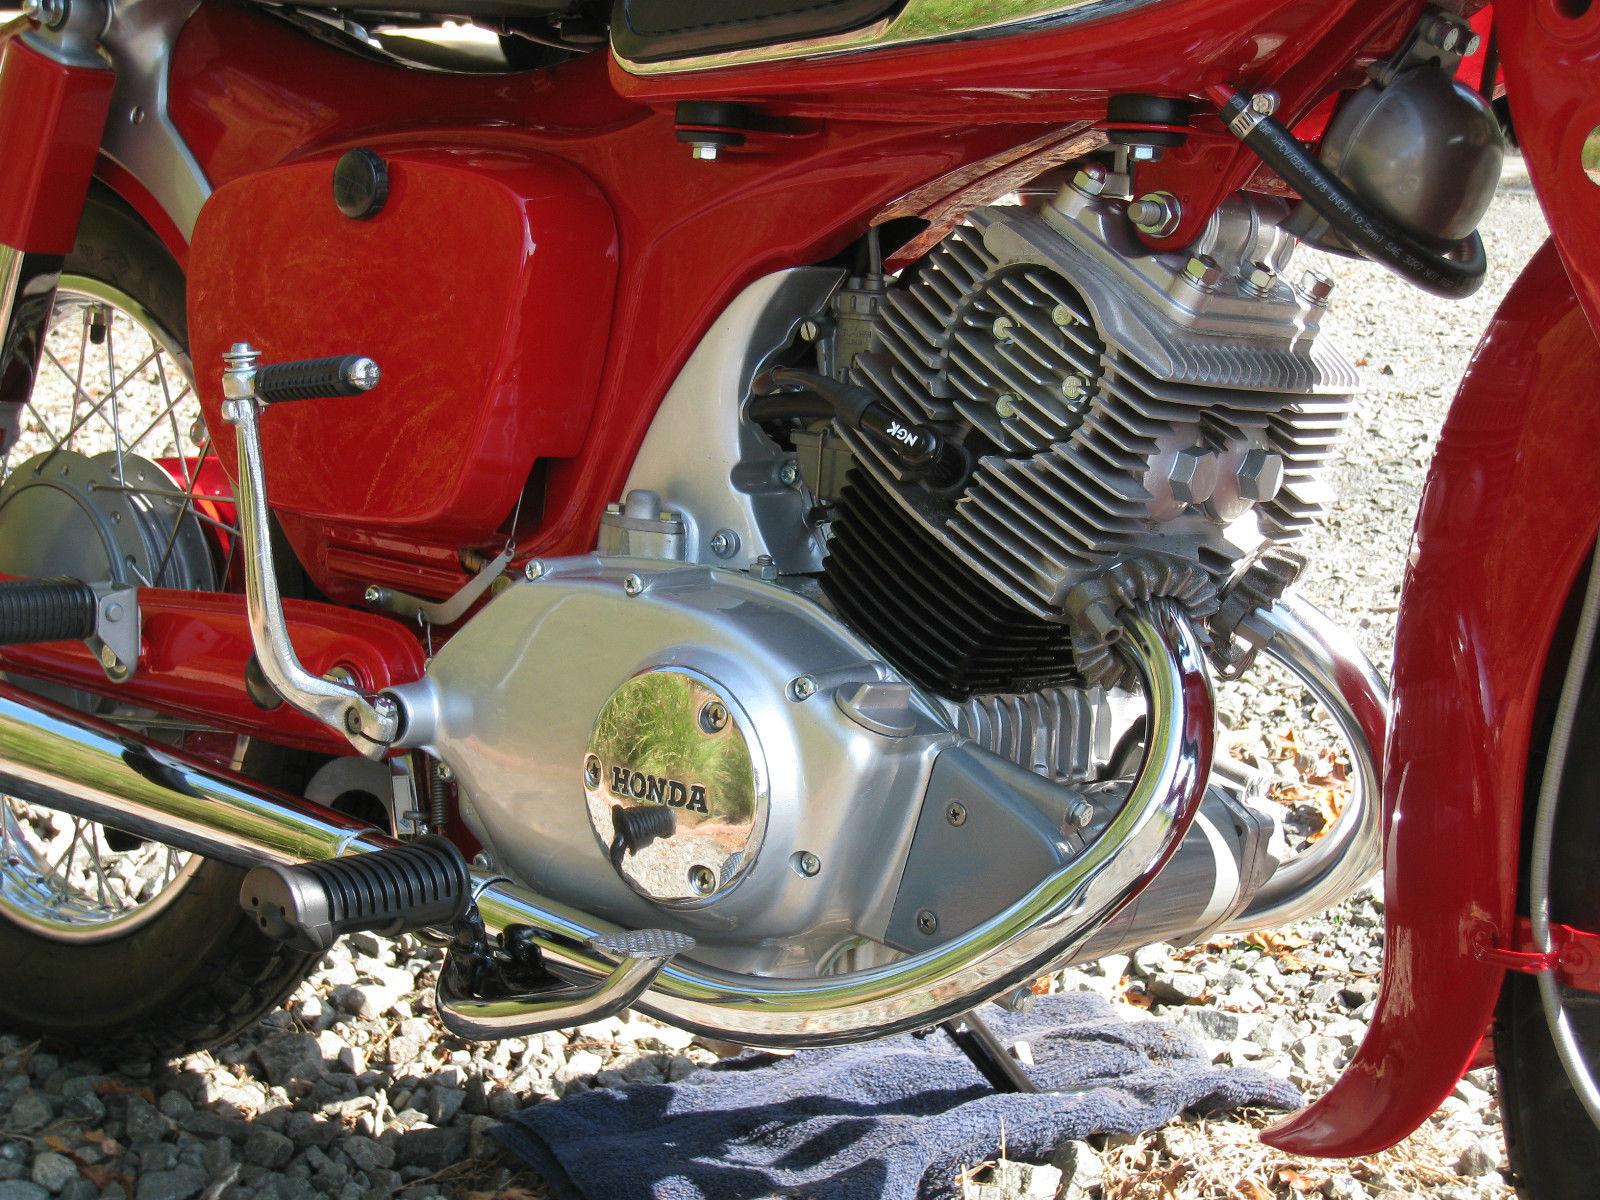 restored honda ca95 1965 photographs at classic bikes restored rh bikesrestored com Honda CA95 Benly Touring 150 Honda Dream CA95